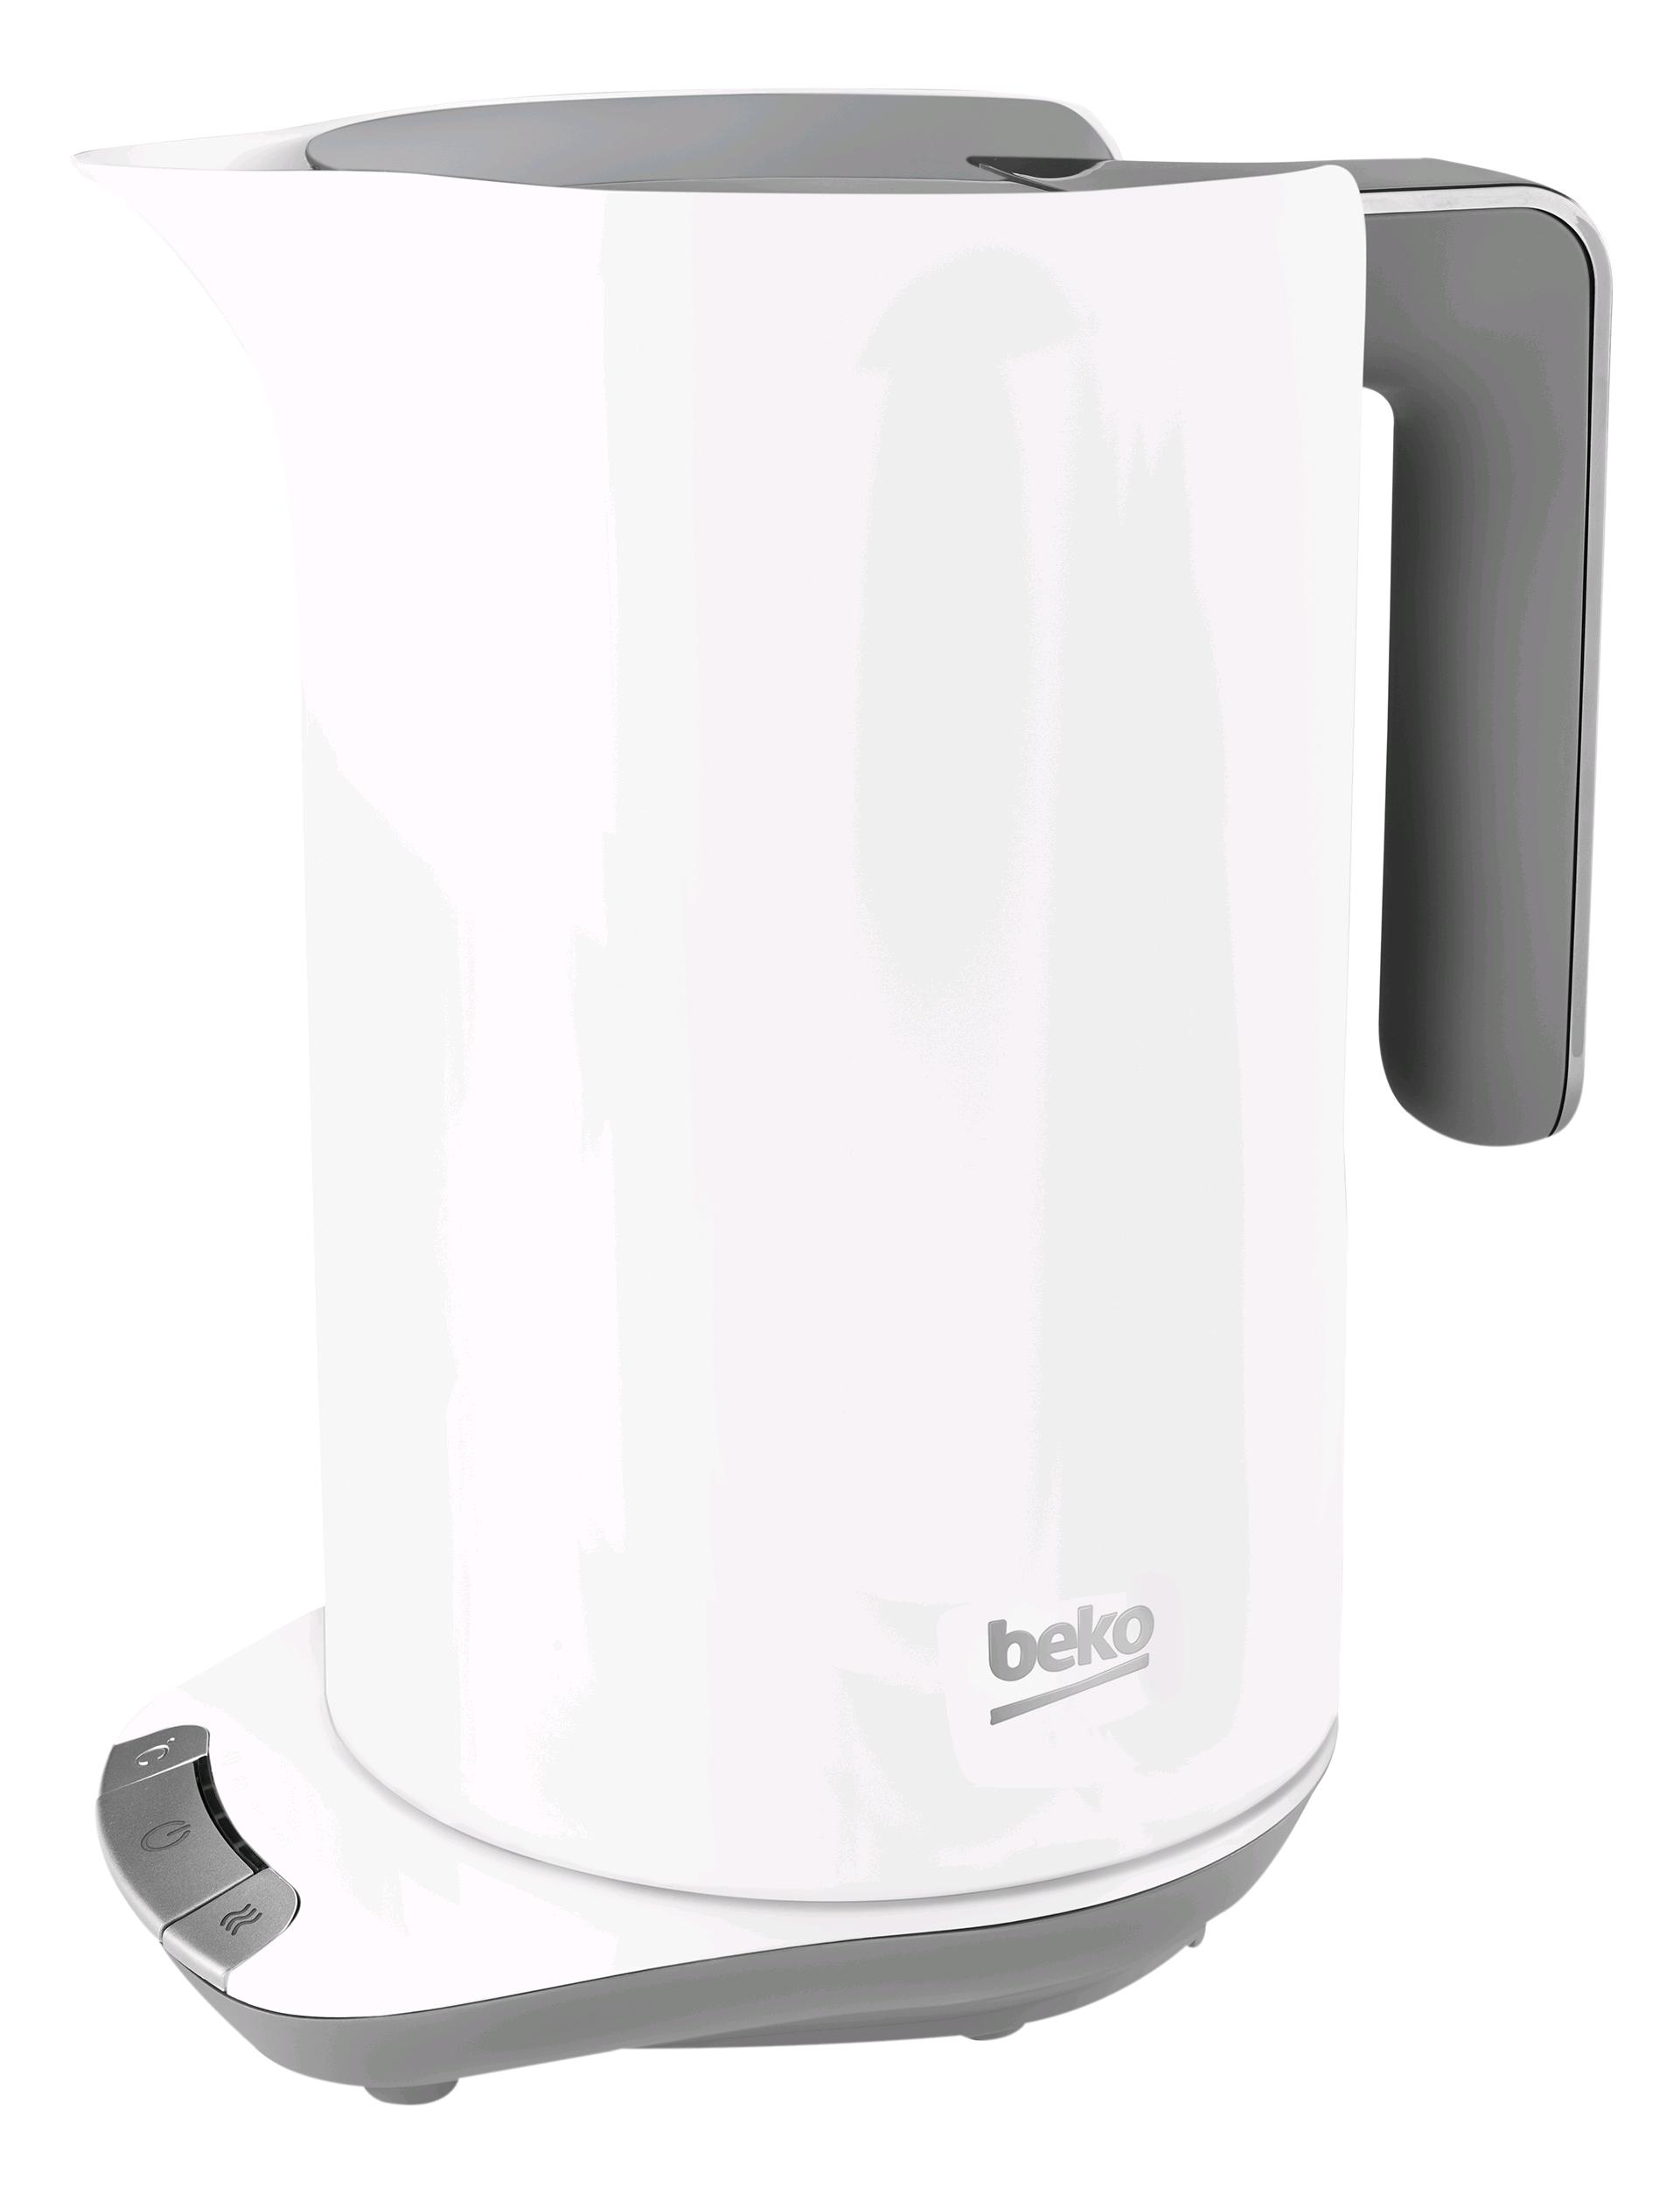 Beko 1.6L Temperature Control Kettle